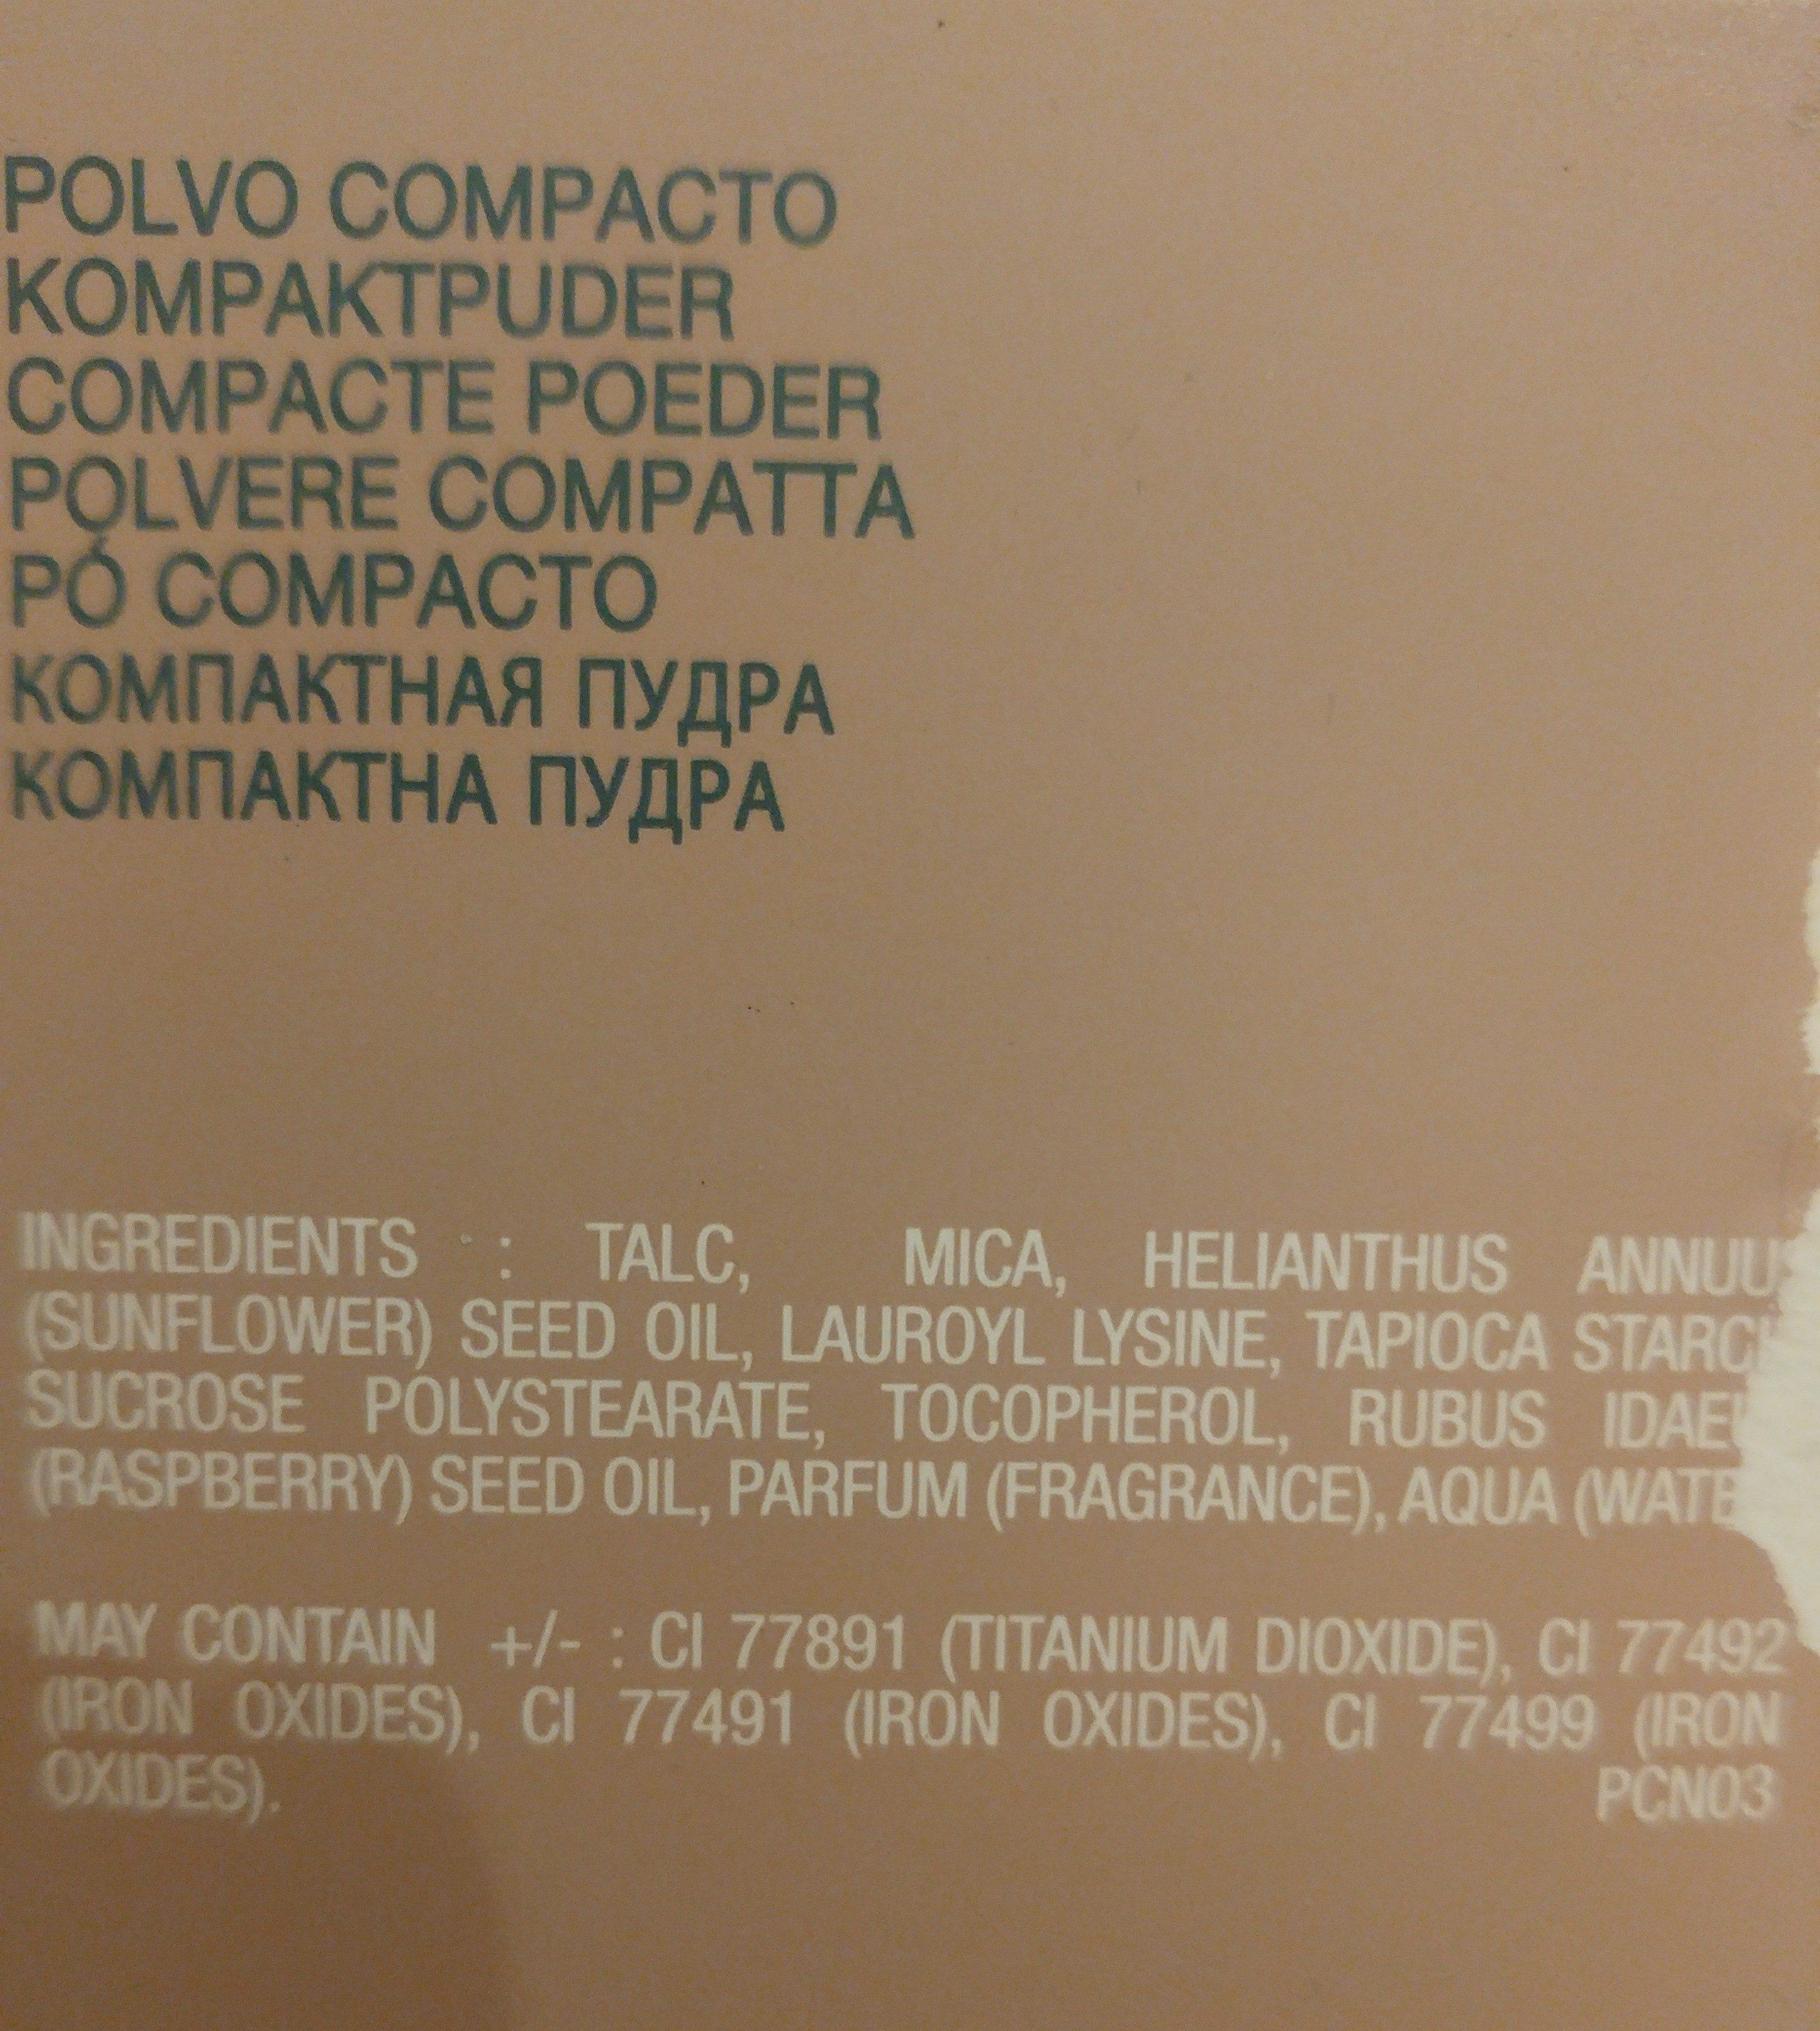 Santé Et Beauté / Hygiène Personnelle / Cosmétiques - Ingredients